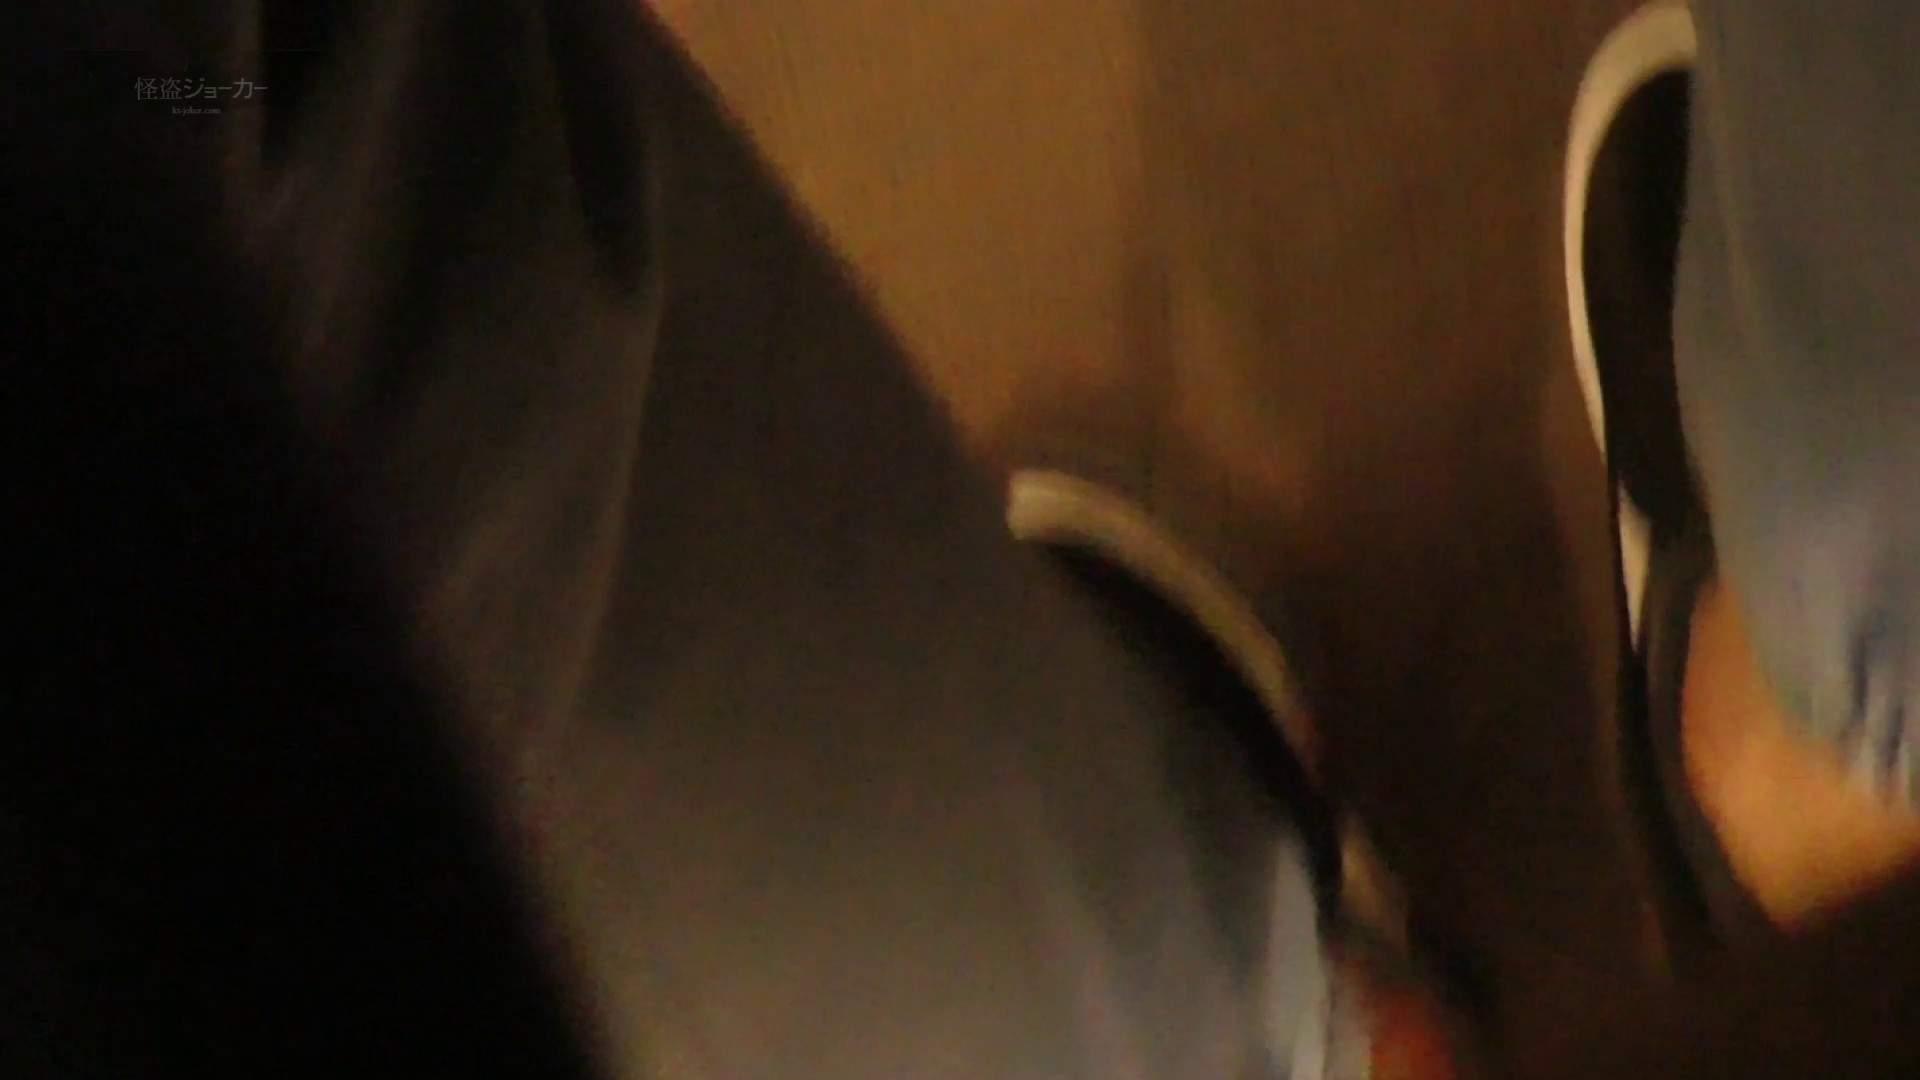 机の下の世界 Vol.03 人生色々、生足も色々!! 高画質 戯れ無修正画像 105枚 58